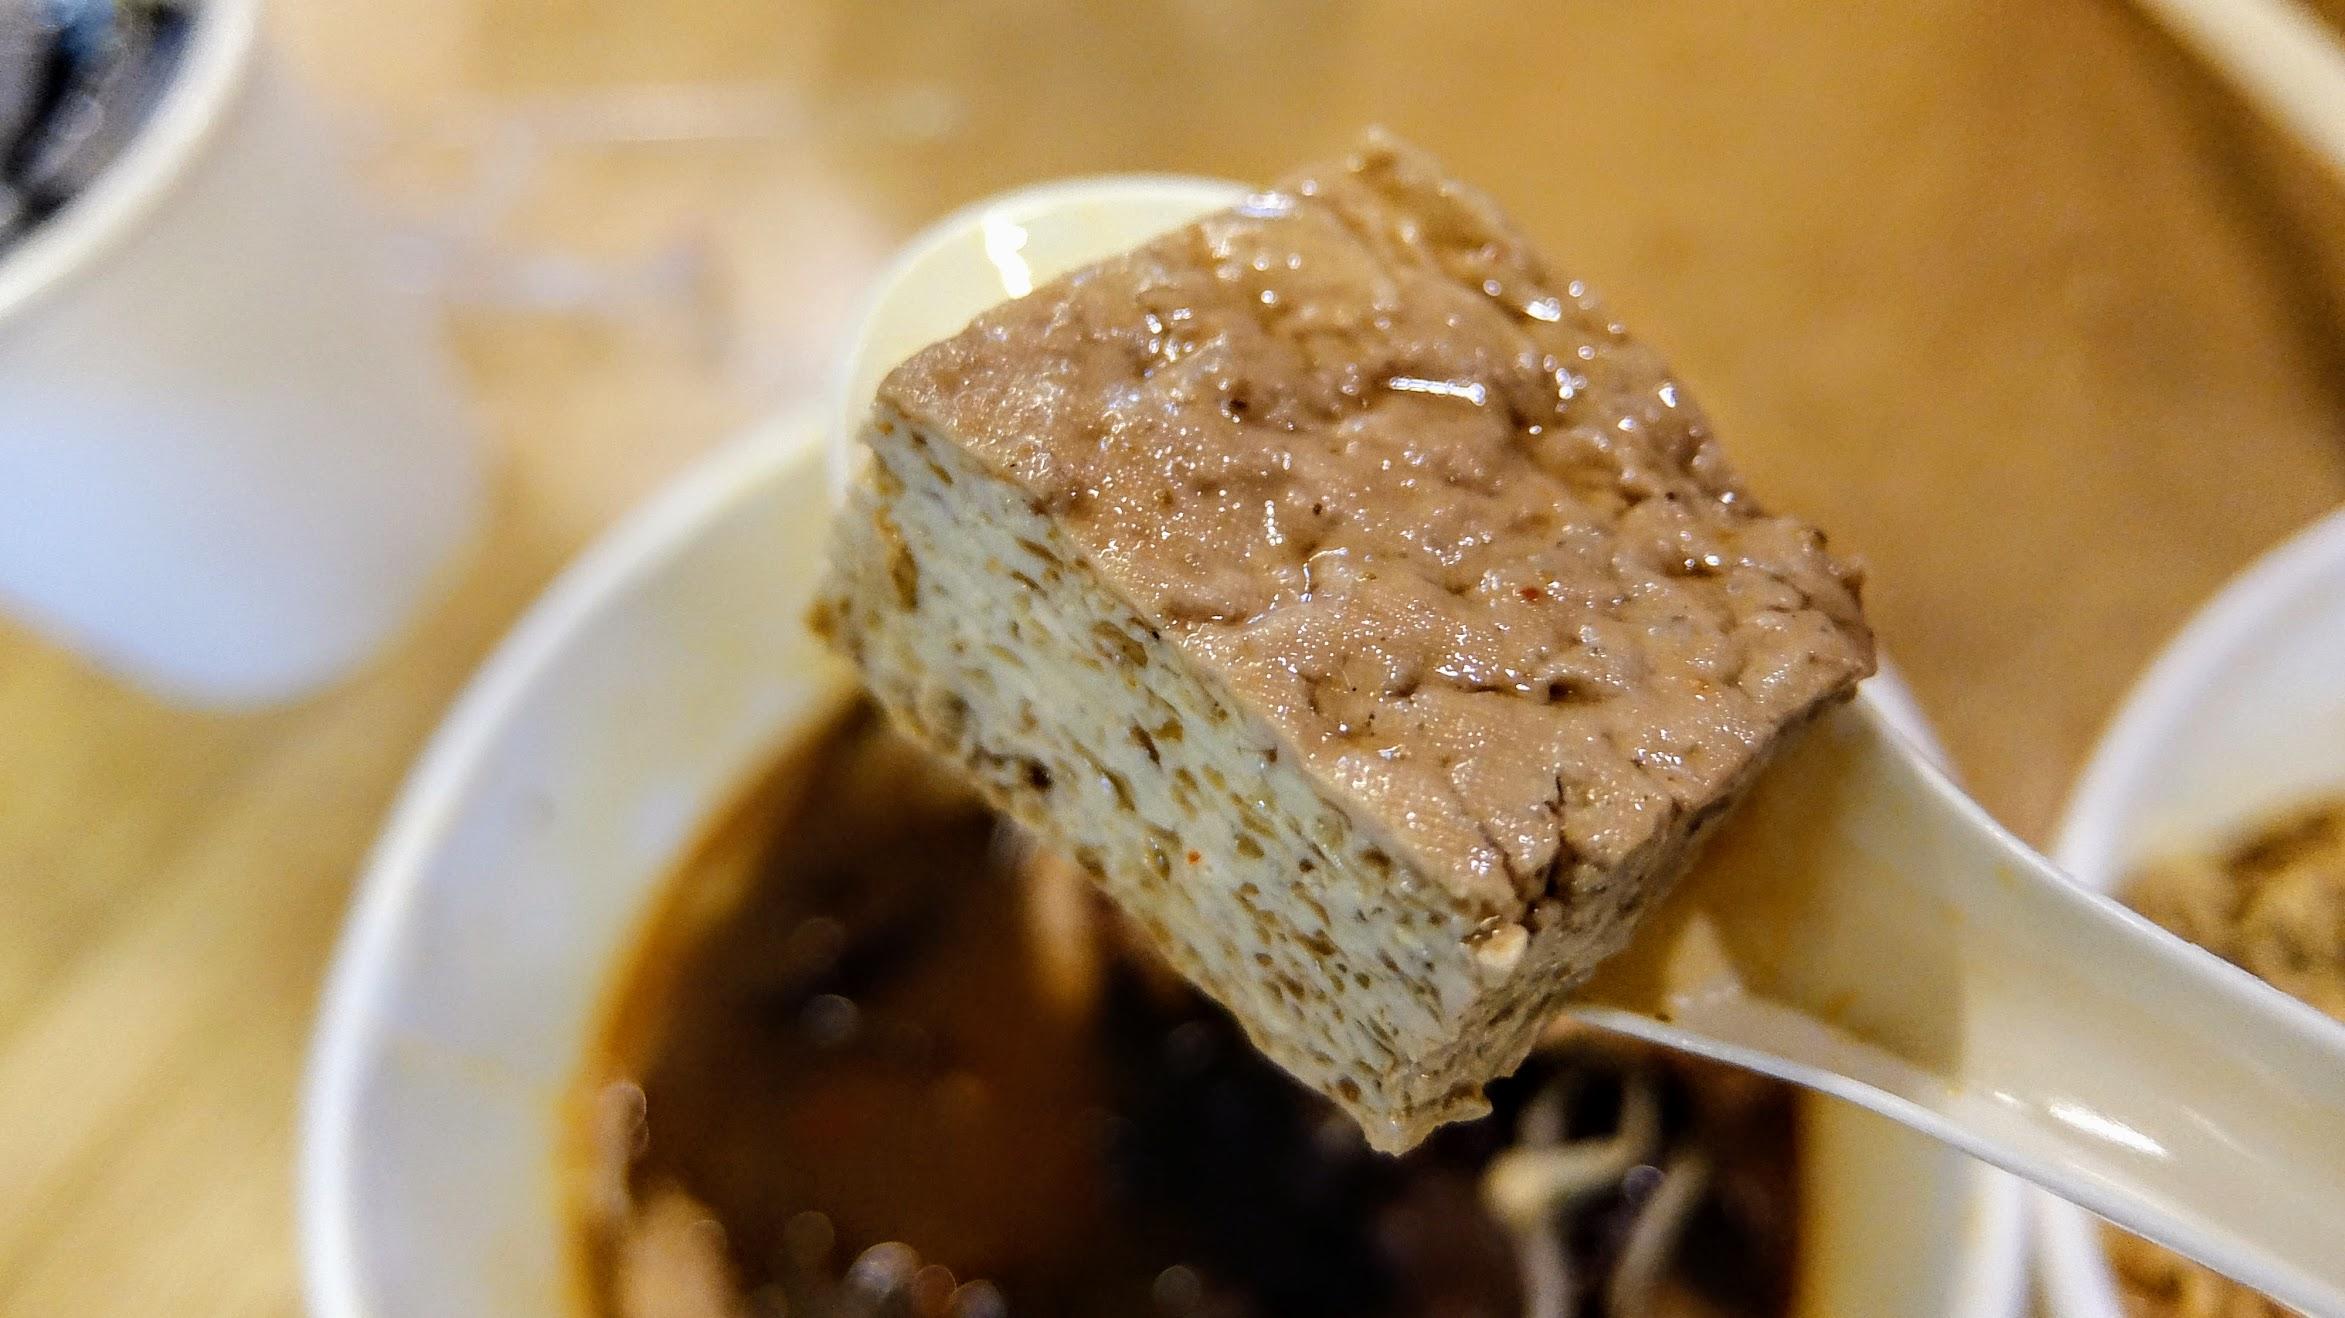 臭豆腐部分反而普通點XD